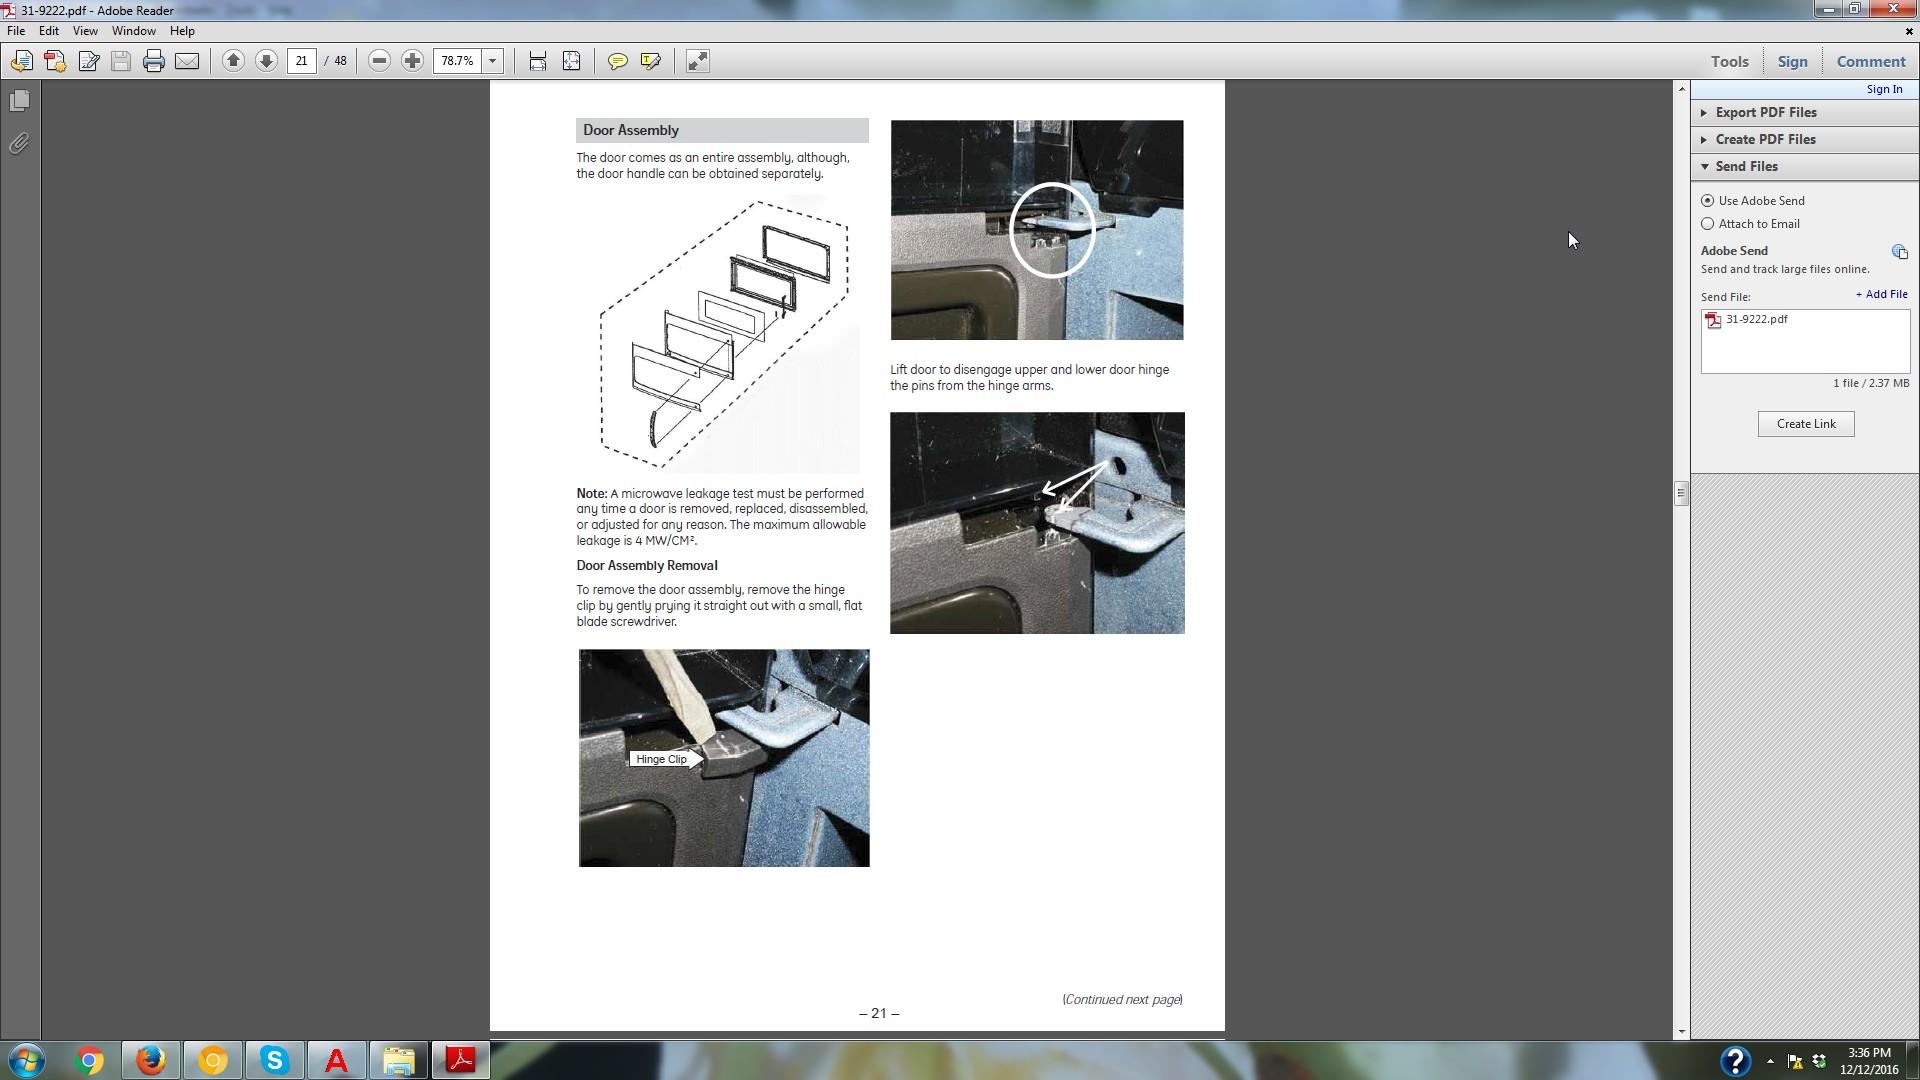 49c814c5-0d51-4ddd-a27e-e4ac26046142_ScreenHunter_3465 Dec. 12 15.36.jpg